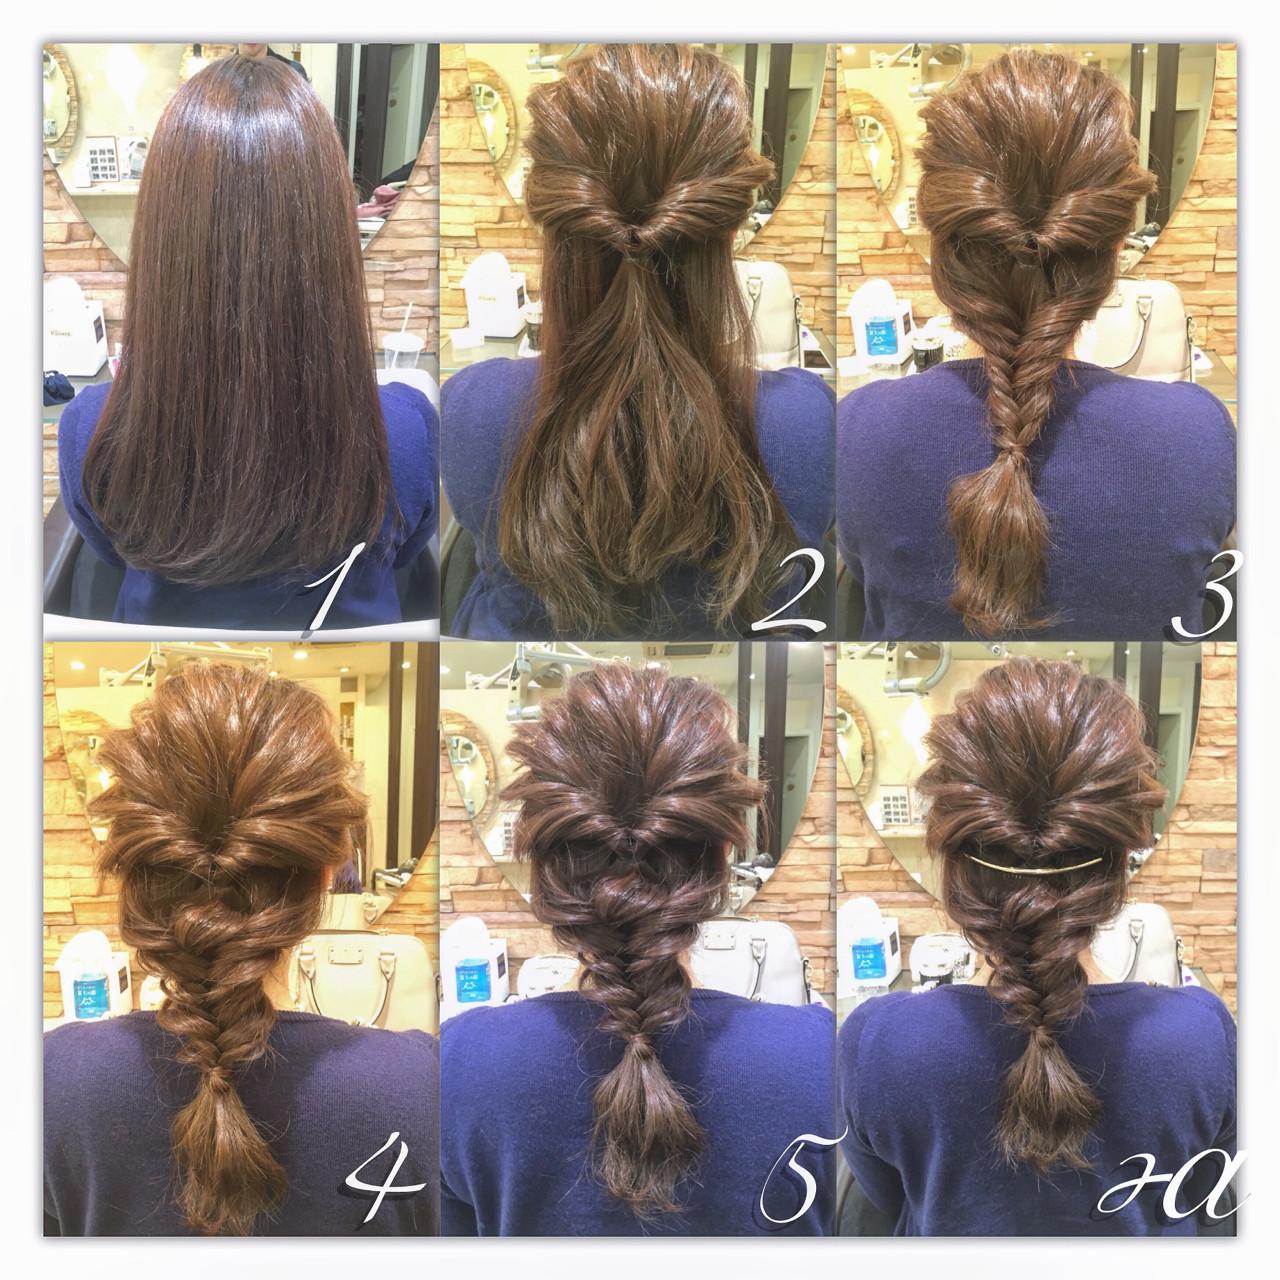 【hair arrange process】 《ストレート✖︎くるりんぱ✖︎フィッシュボーン》 自分でできる簡単オシャレヘアアレンジ解説  ①ストレートベースで上下2つに分けます ②上側をくるりんぱにします ③下をフィッシュボーンにし、毛先を残して結びます。 ④全体をほぐします ⑤くるりんぱとフィッシュボーンの間もほぐすことで立体感がでます +αでクレセントコームをつけオシャレ度アップ